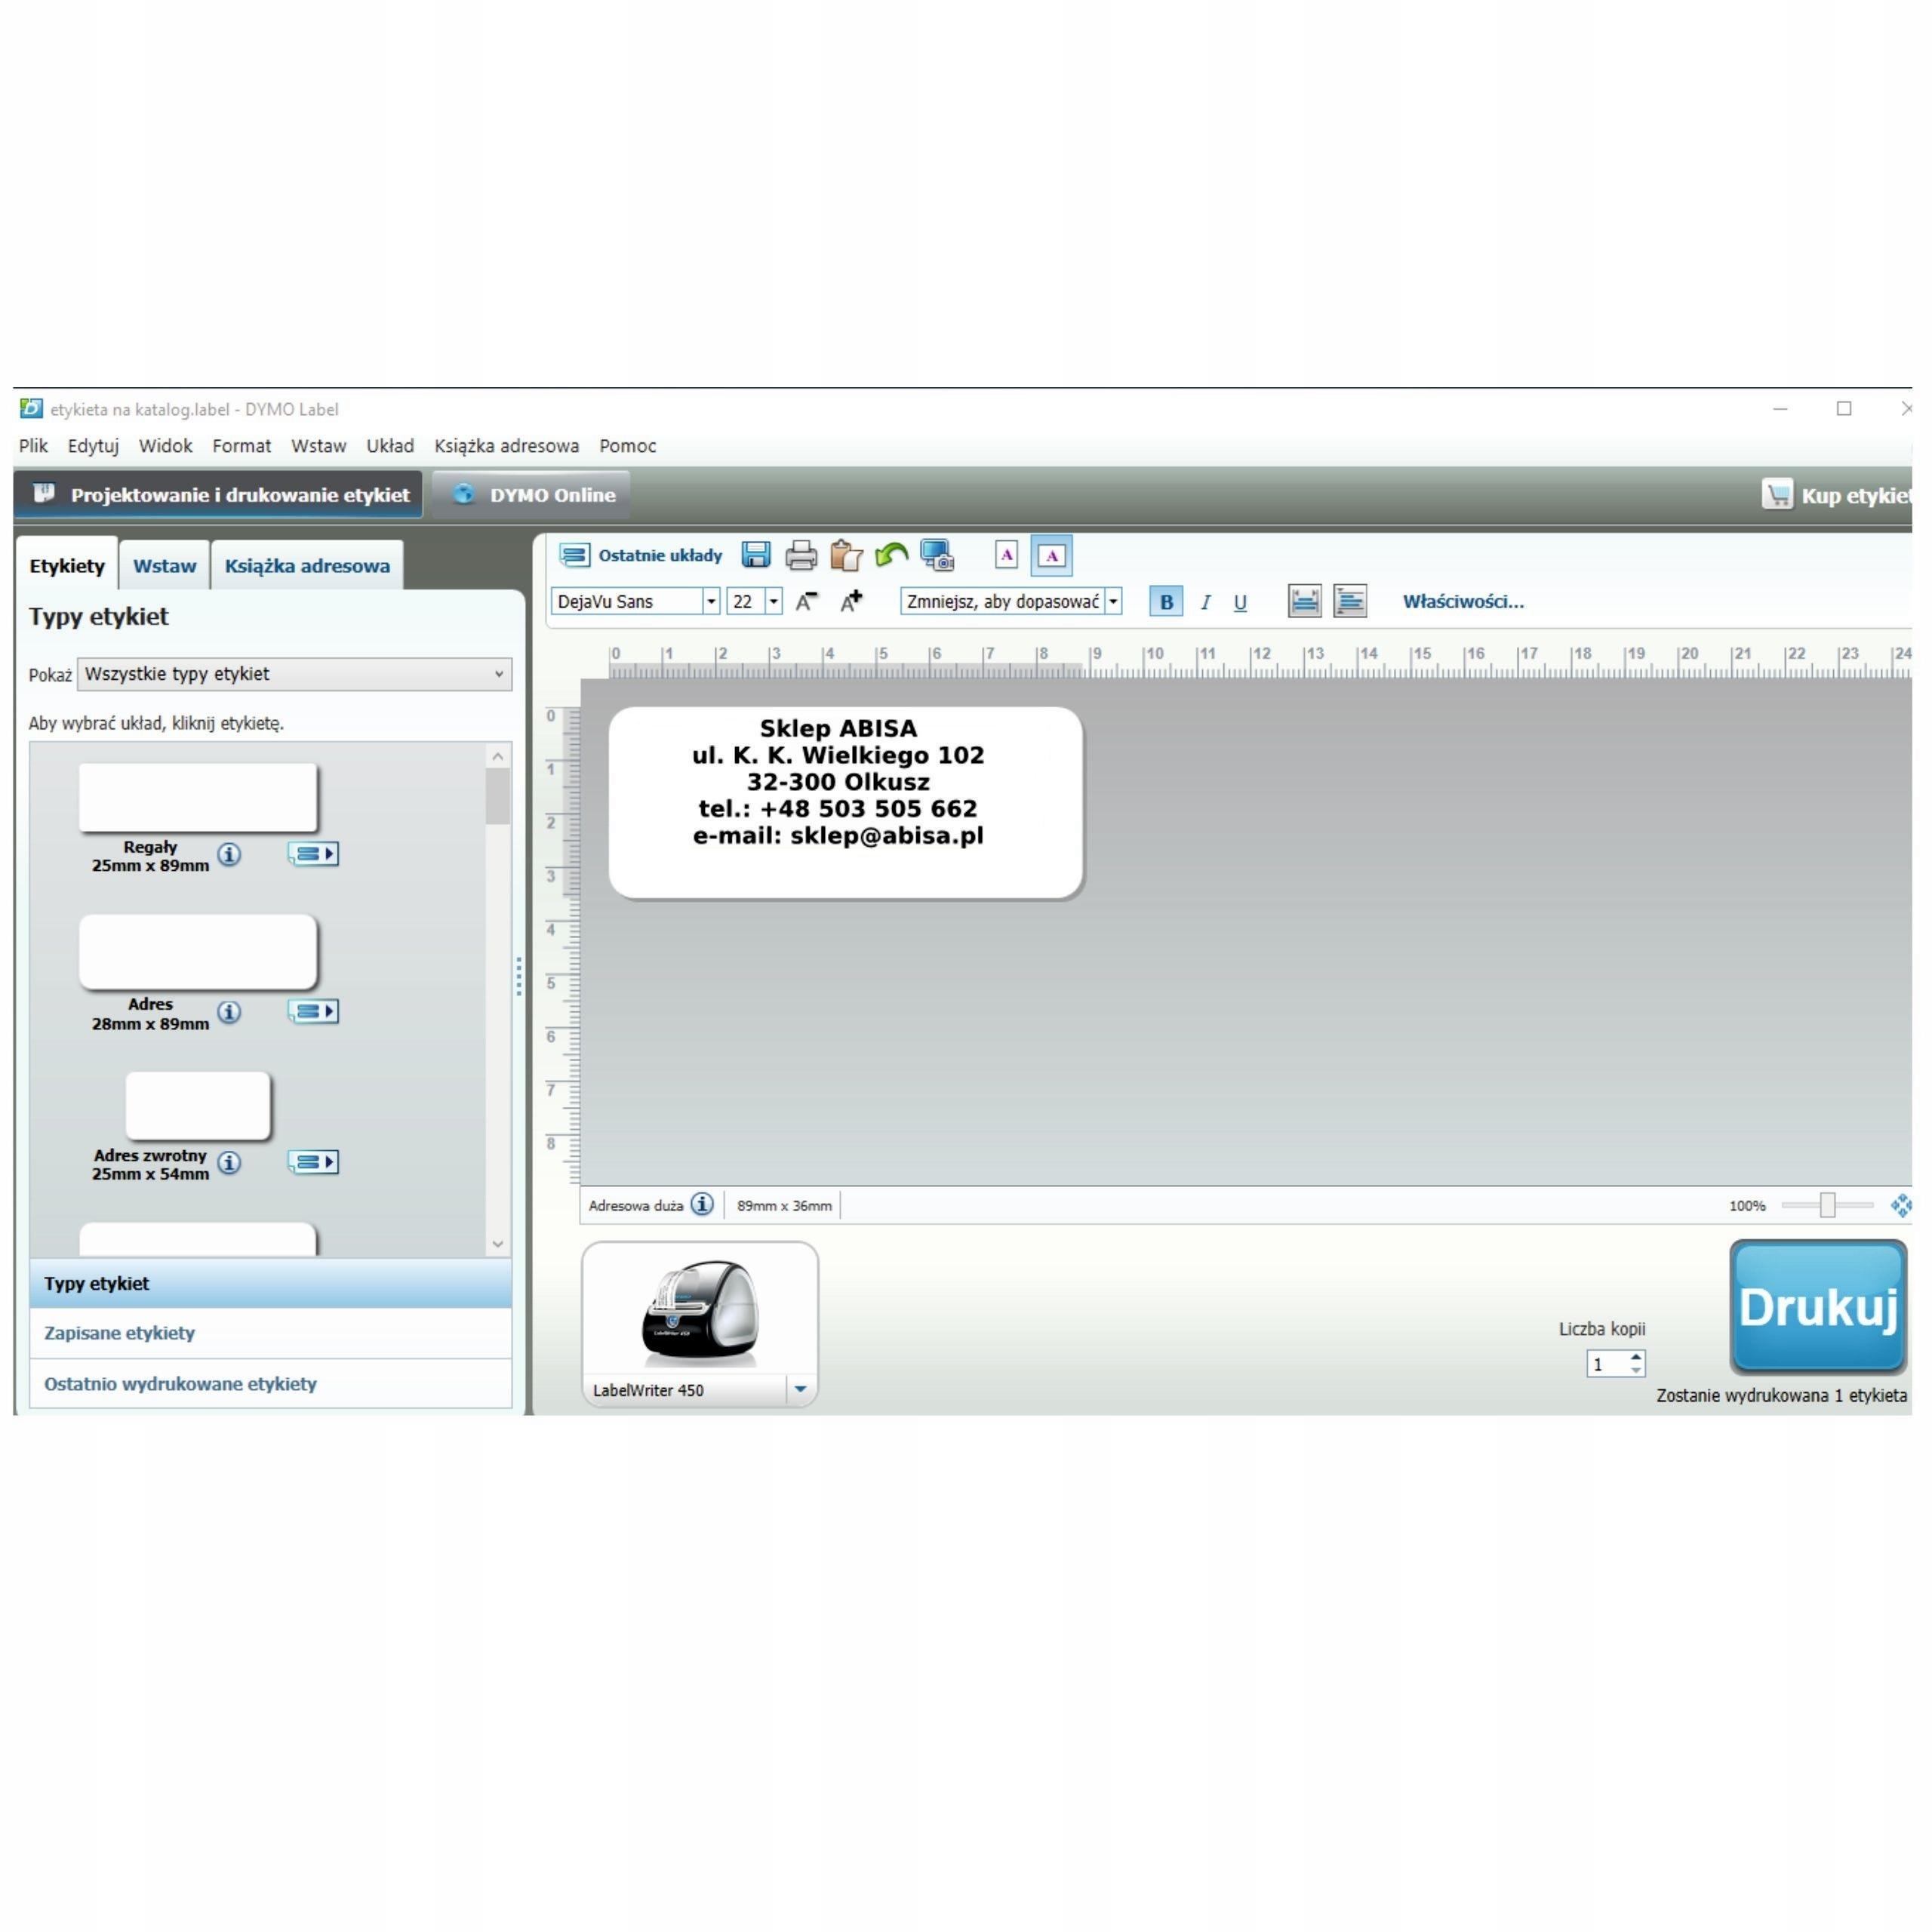 Drukarka DYMO LabelWriter 450 TURBO 3x ETYKIETY - 7598645005